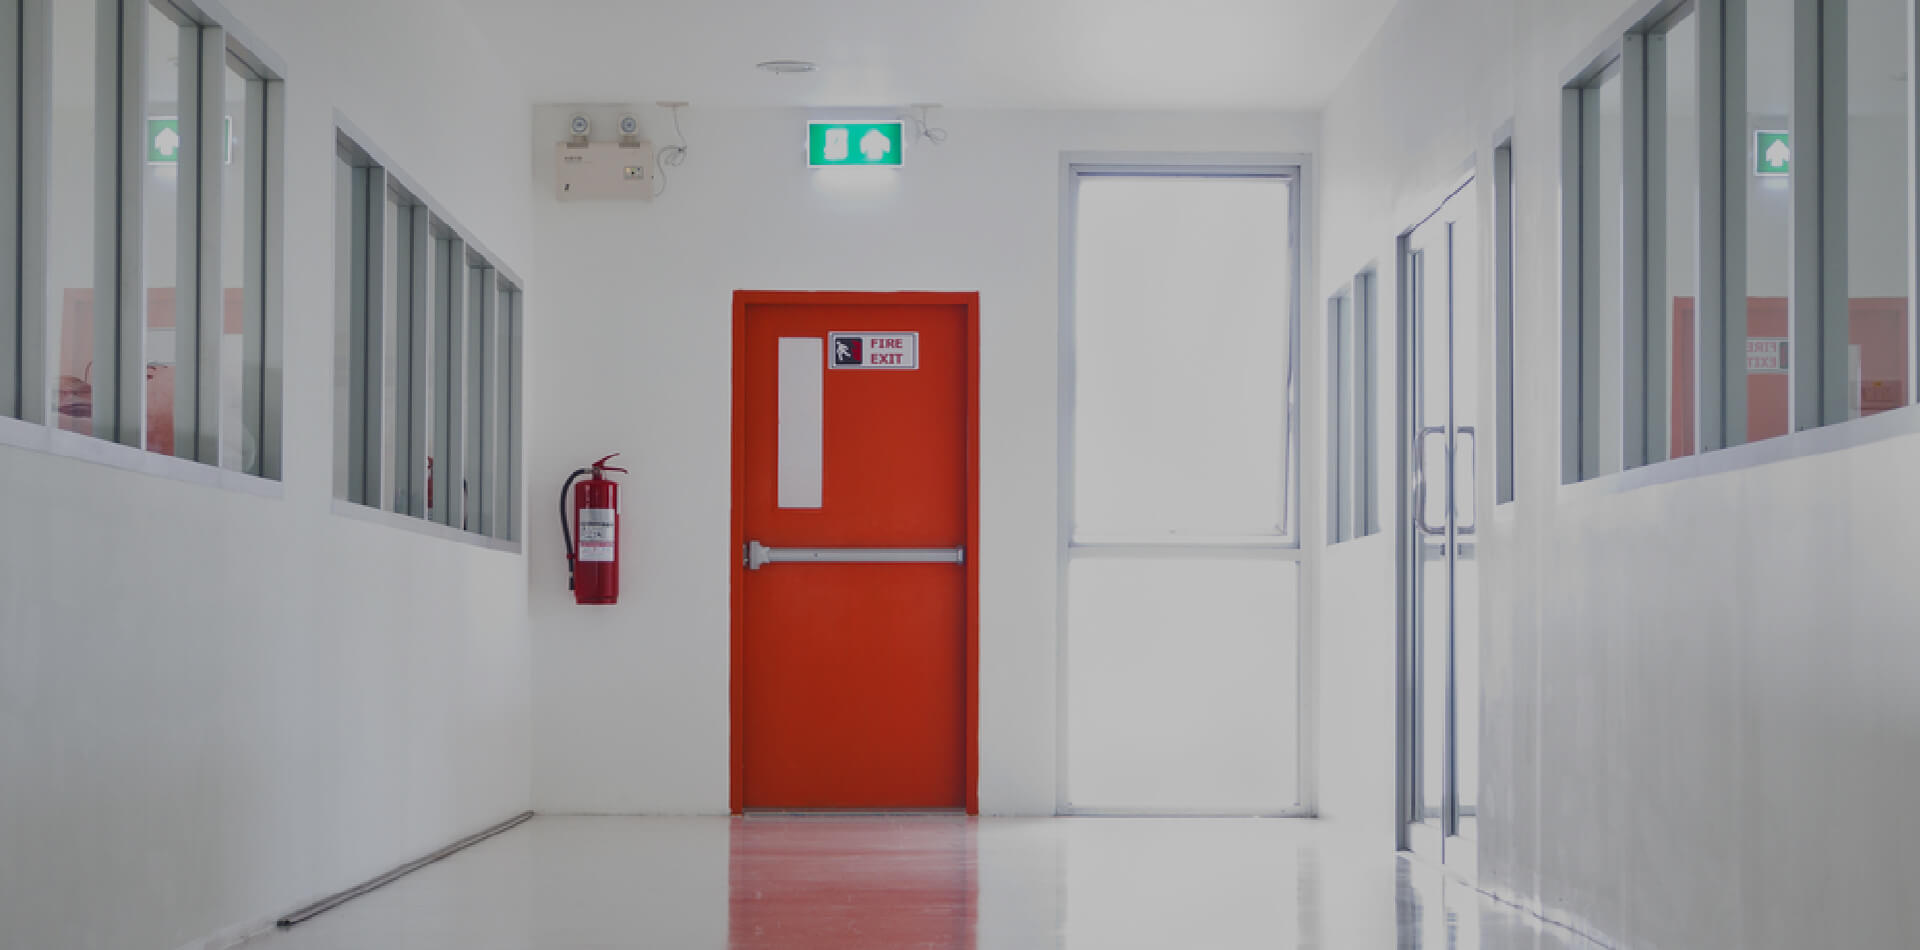 Fire exit door with fire extinguisher